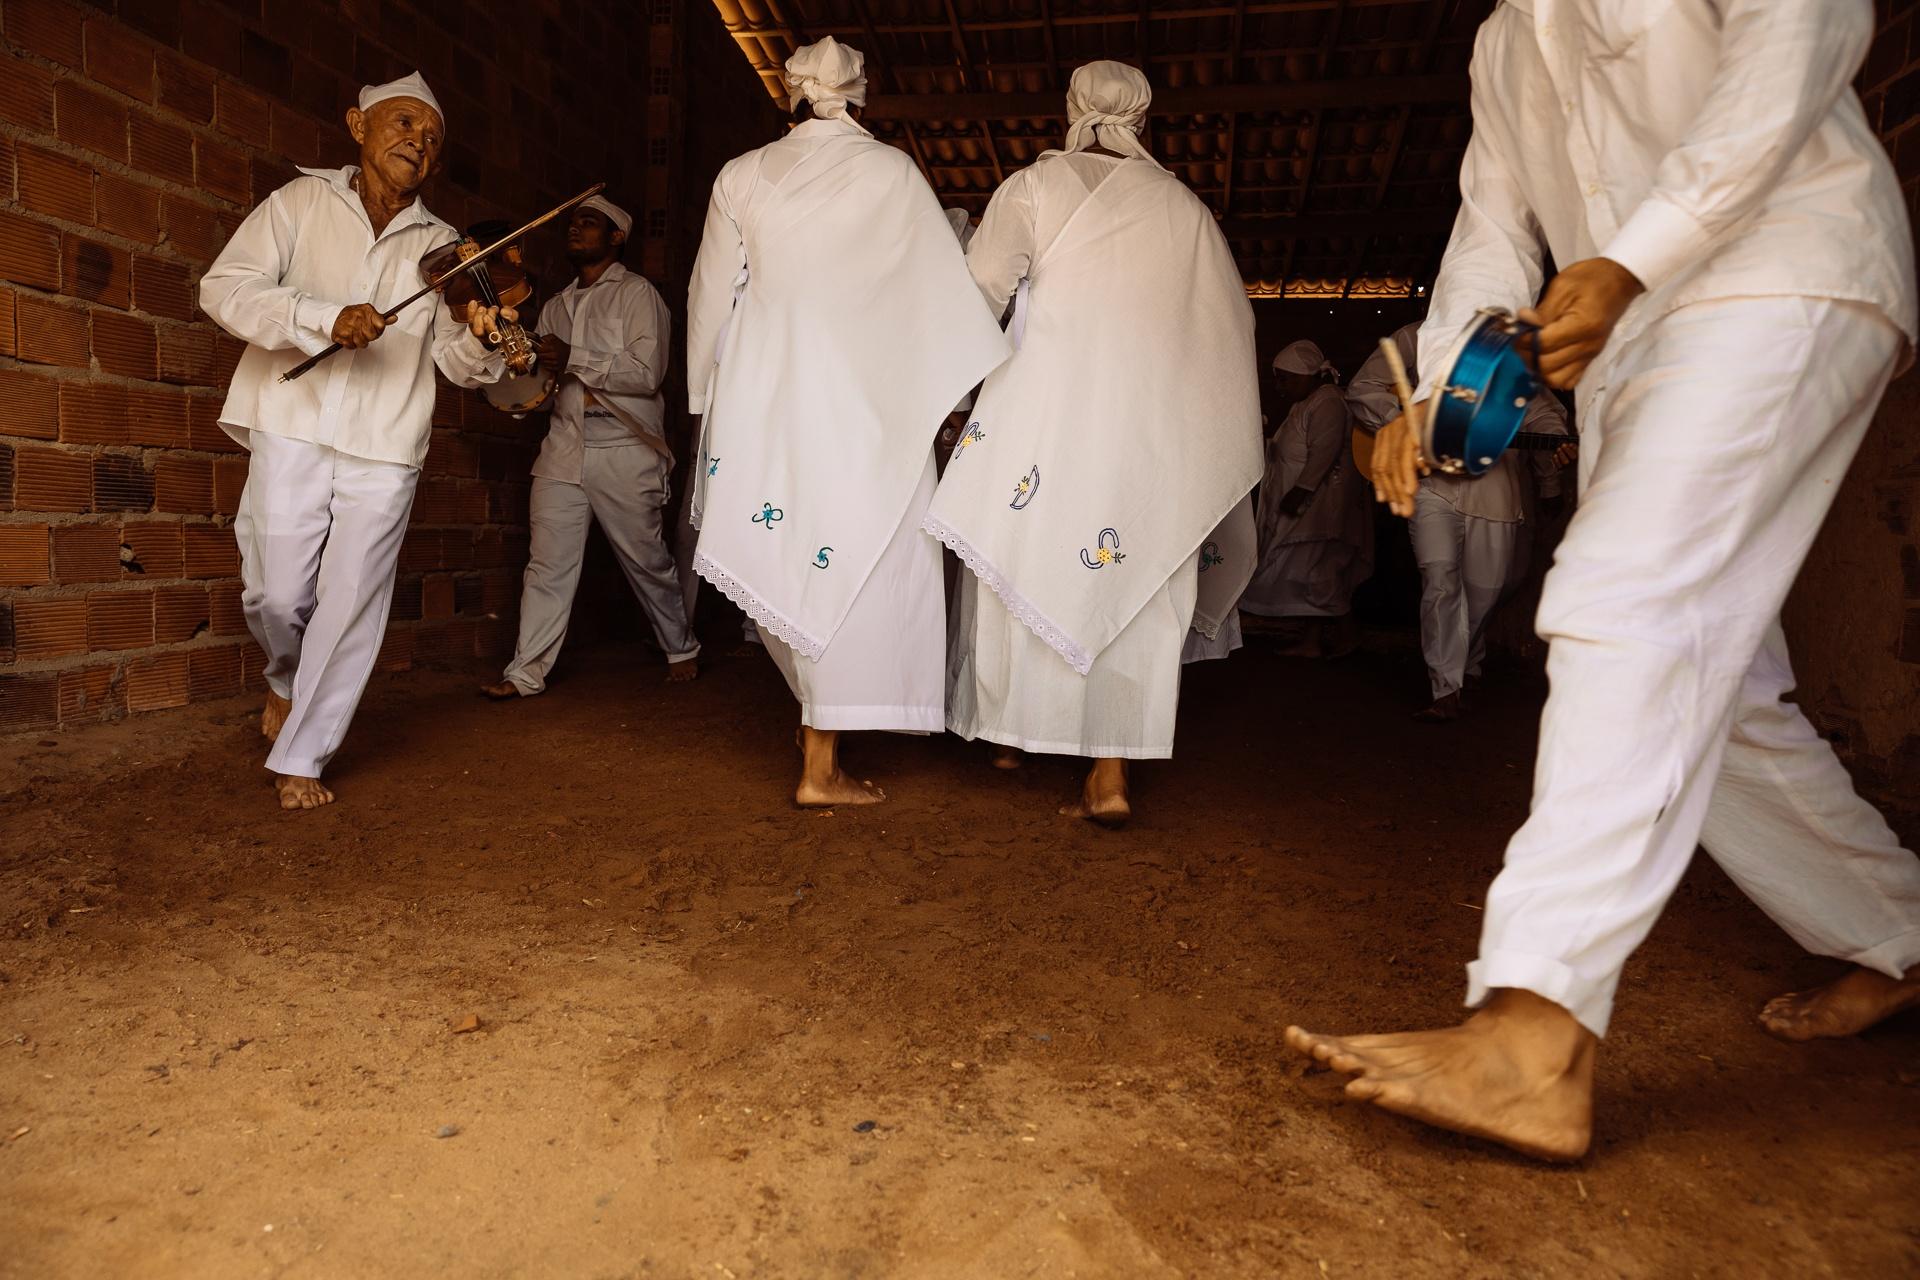 Os paasos da dança. Foto: Sara Nacif